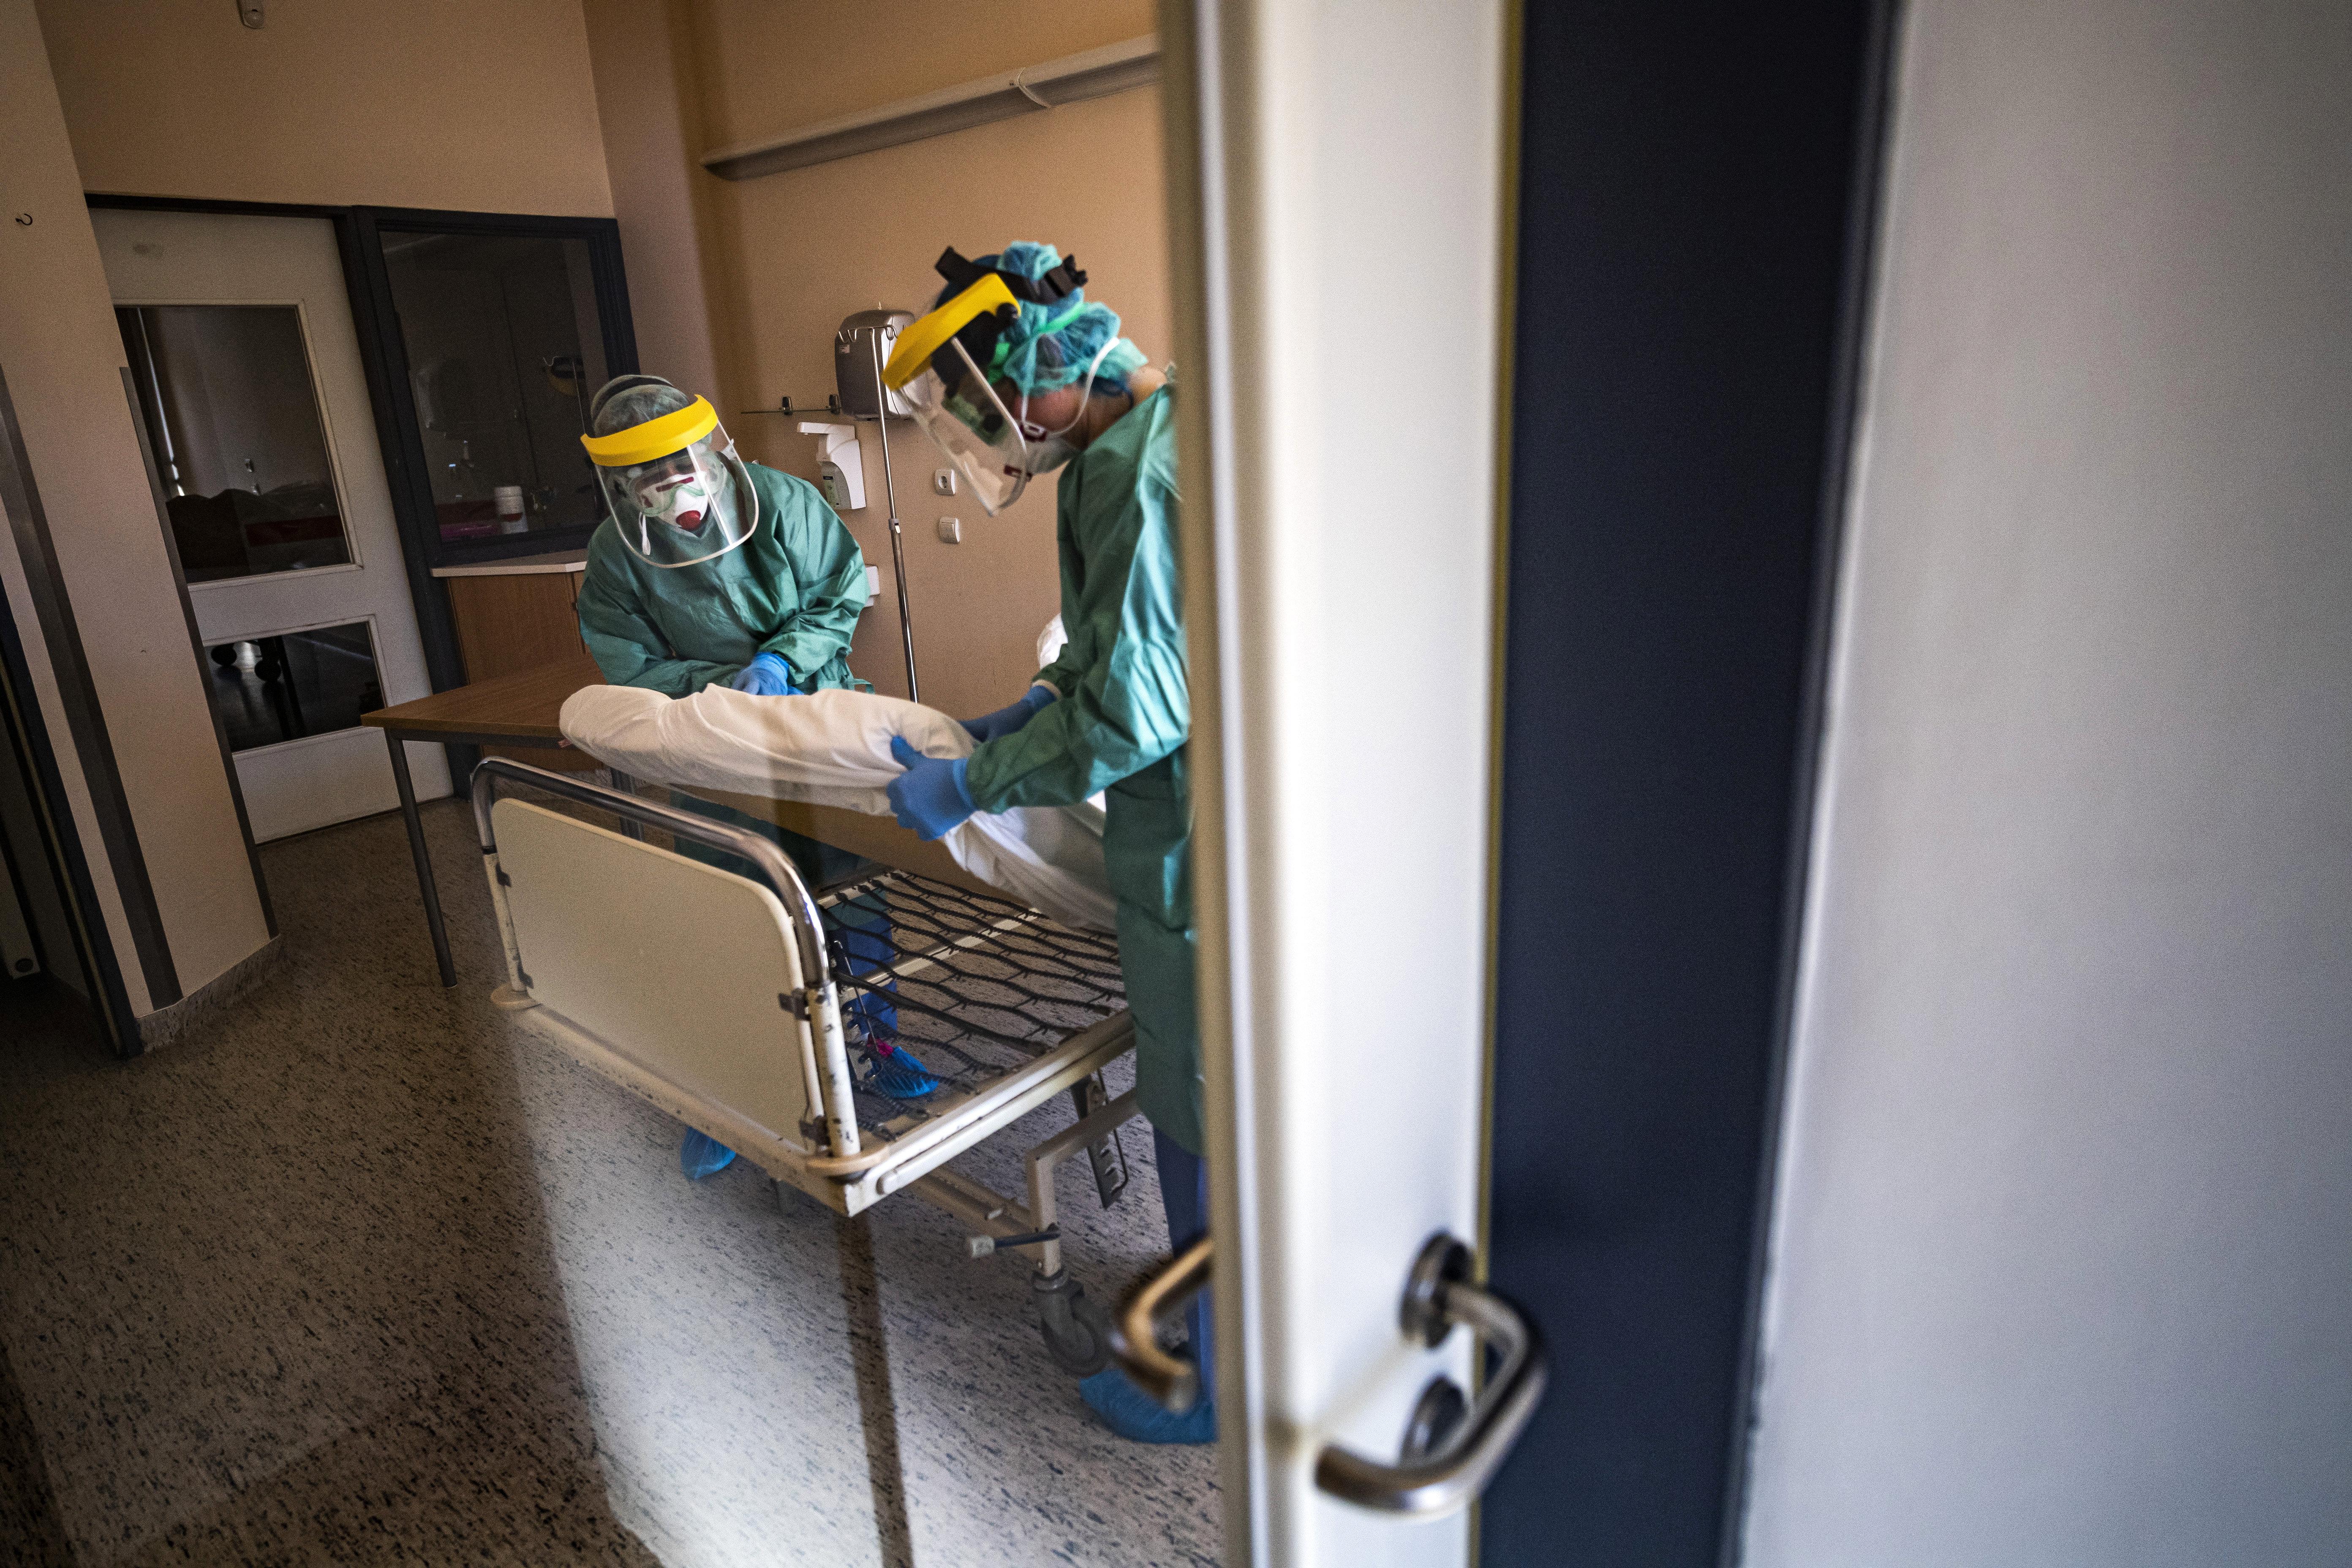 Koronavírus Magyarországon: már 733 regisztrált fertőzött van, hivatalosan 34 ember halt meg